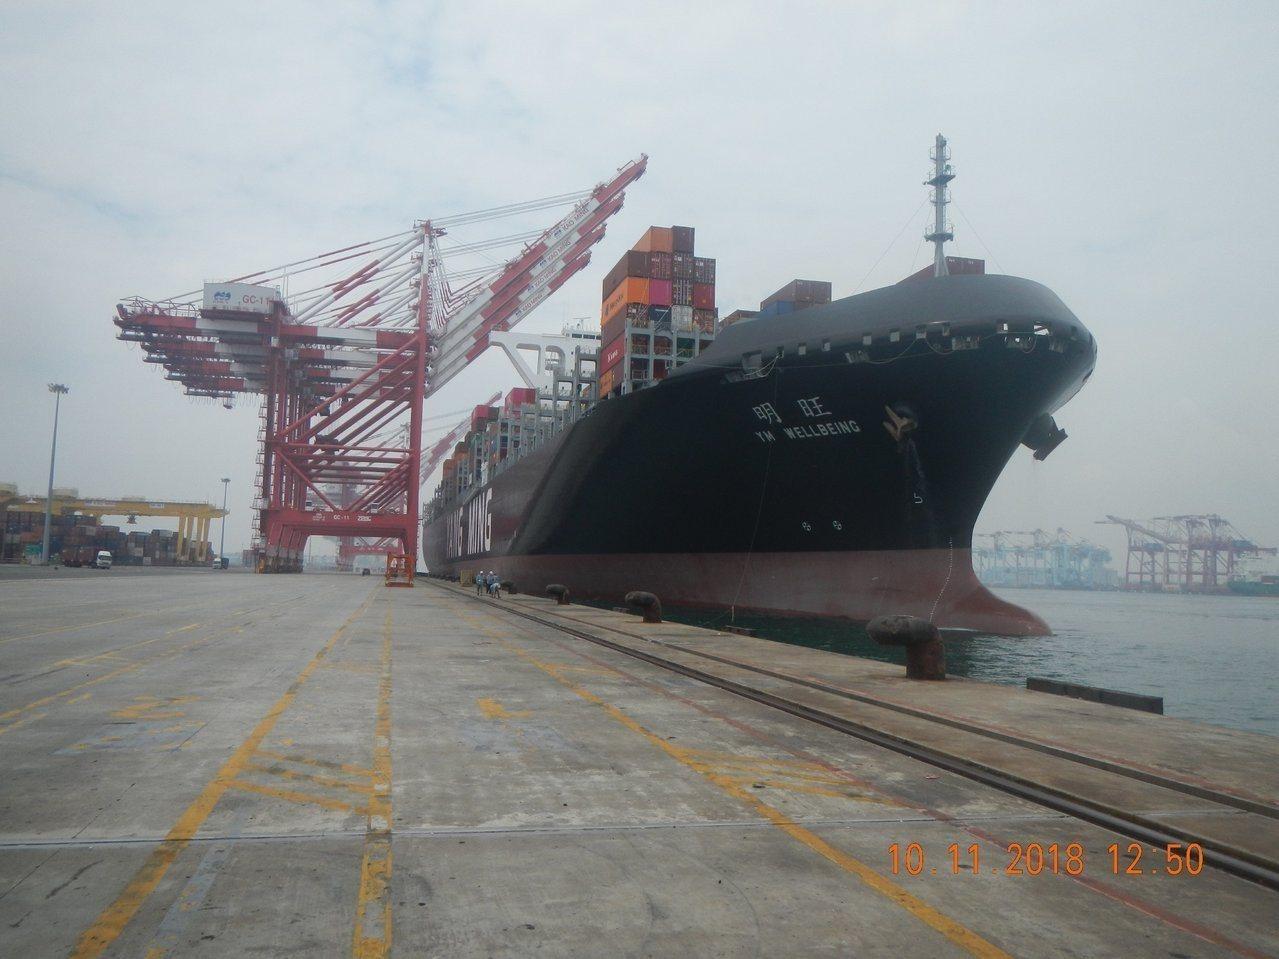 陽明海運公司旗下新租造船1.4萬TEU(20呎標準貨櫃單位)級貨櫃輪-巴拿馬籍「...